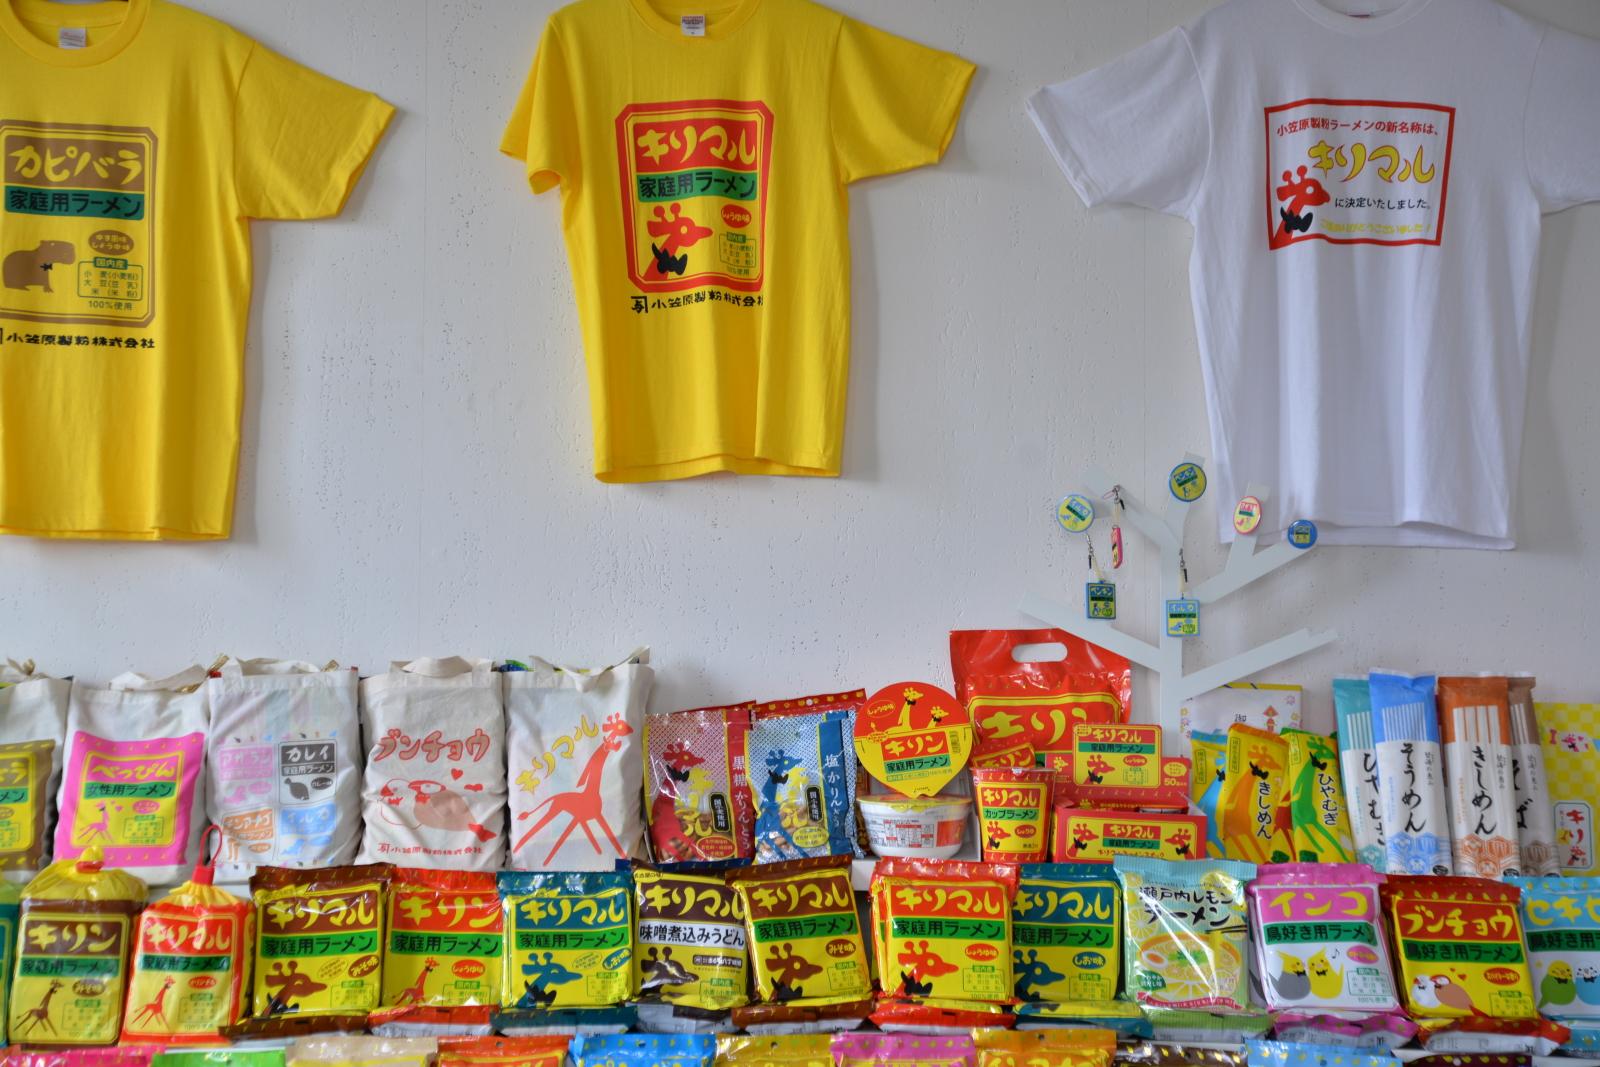 即席麺の各種商品とオリジナルグッズ